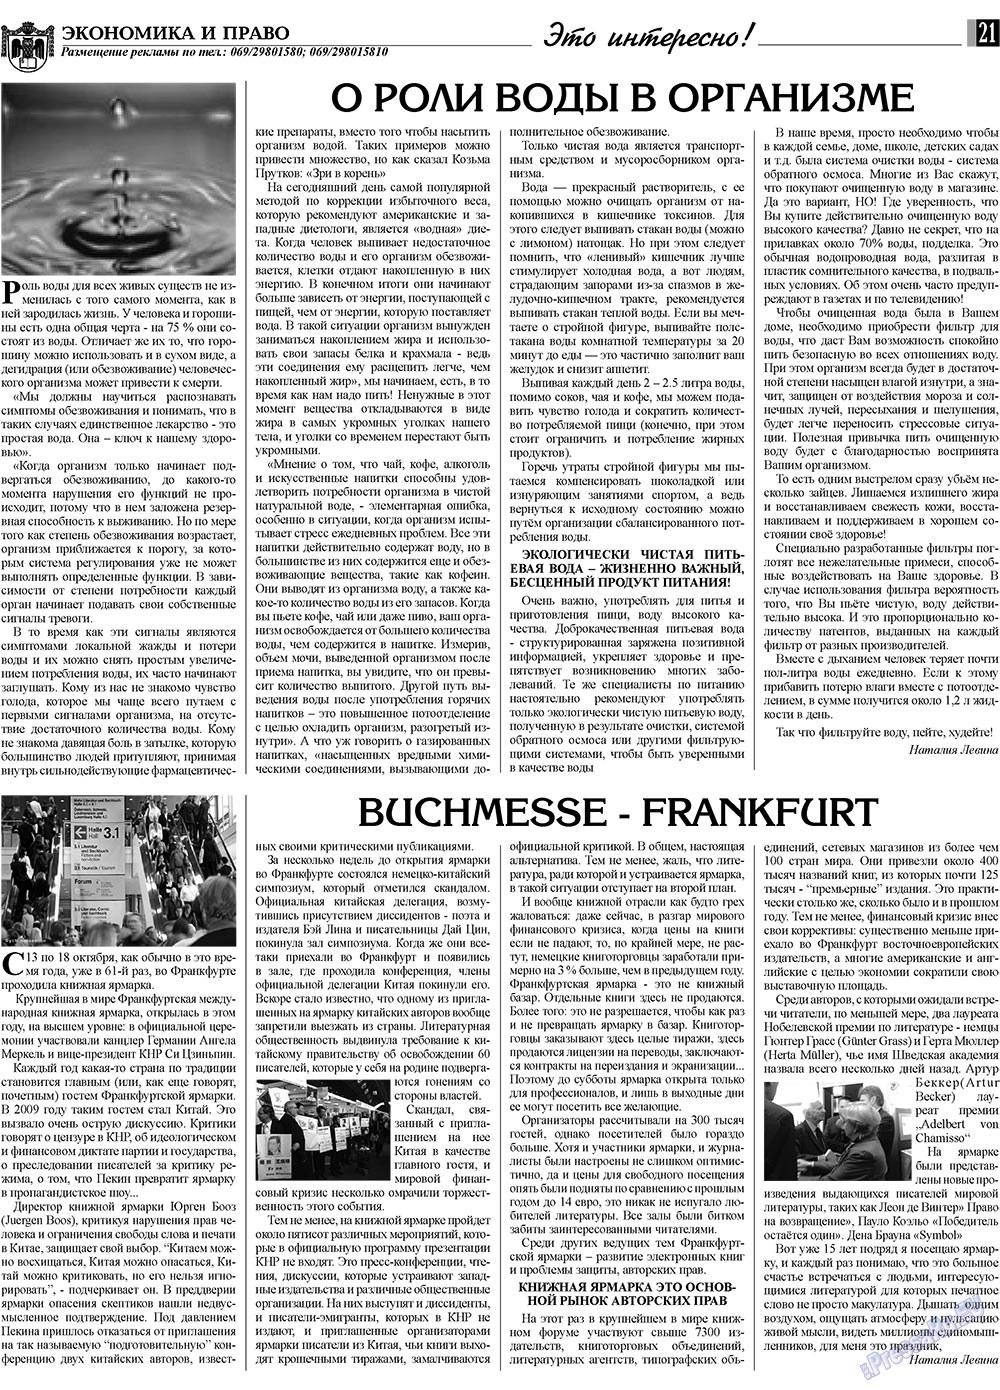 Экономика и право (газета). 2009 год, номер 11, стр. 21